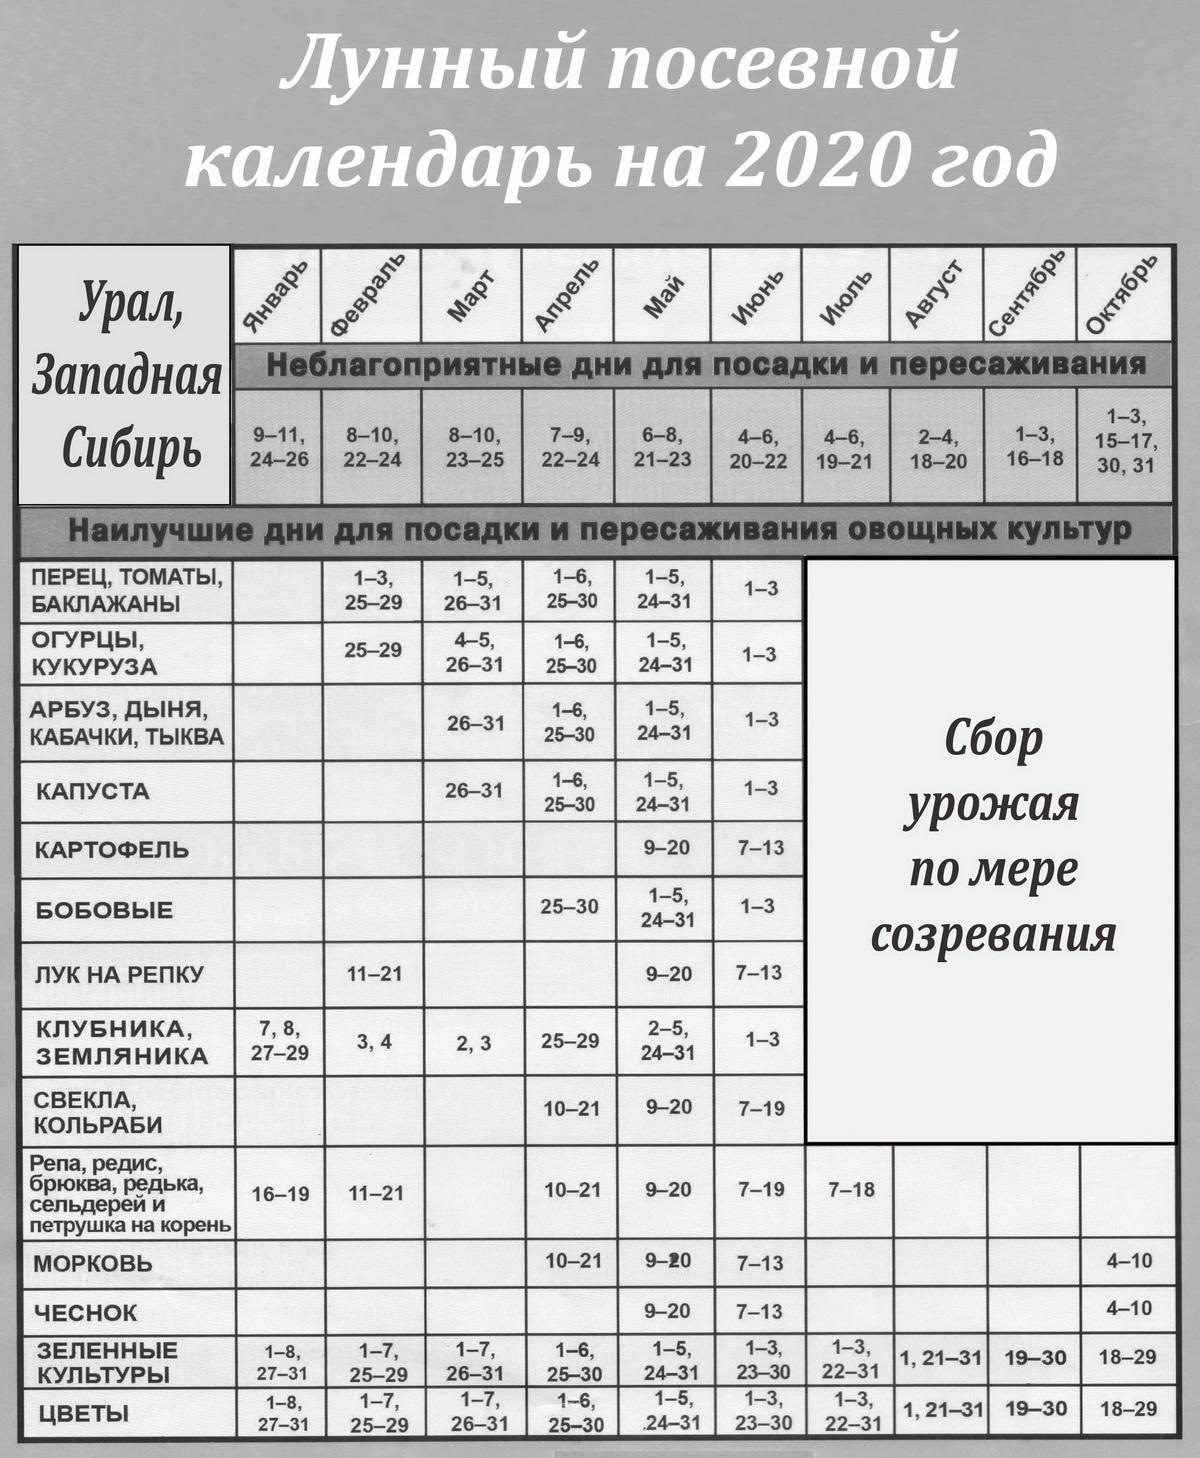 Лунный календарь Урал 2020